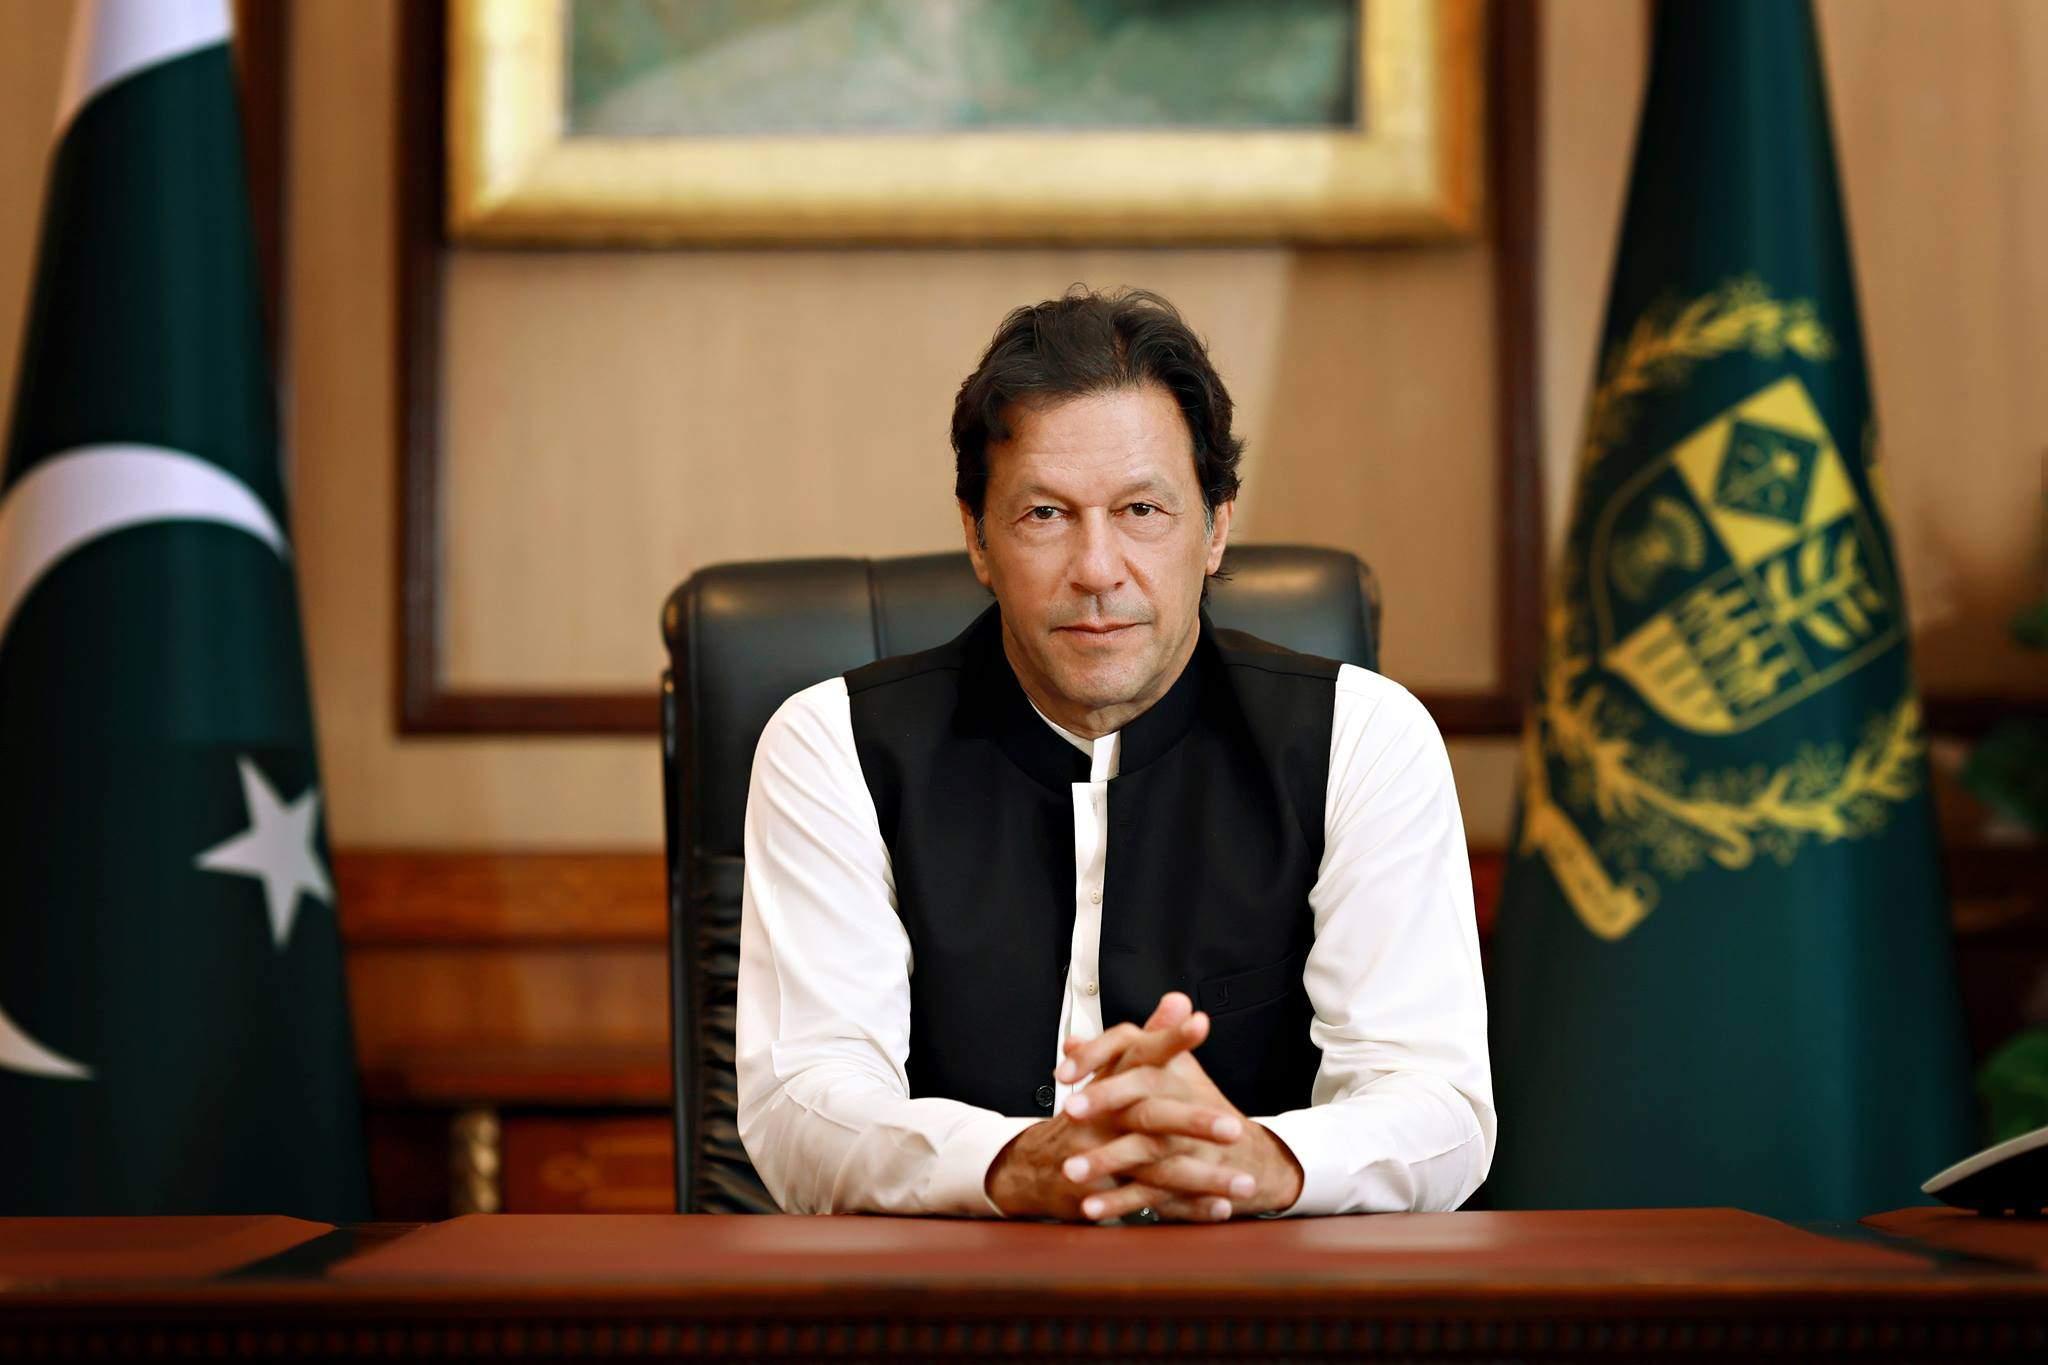 عکس خبري -عمران خان؛ مصمم در اهداف با تغيير راهبرد